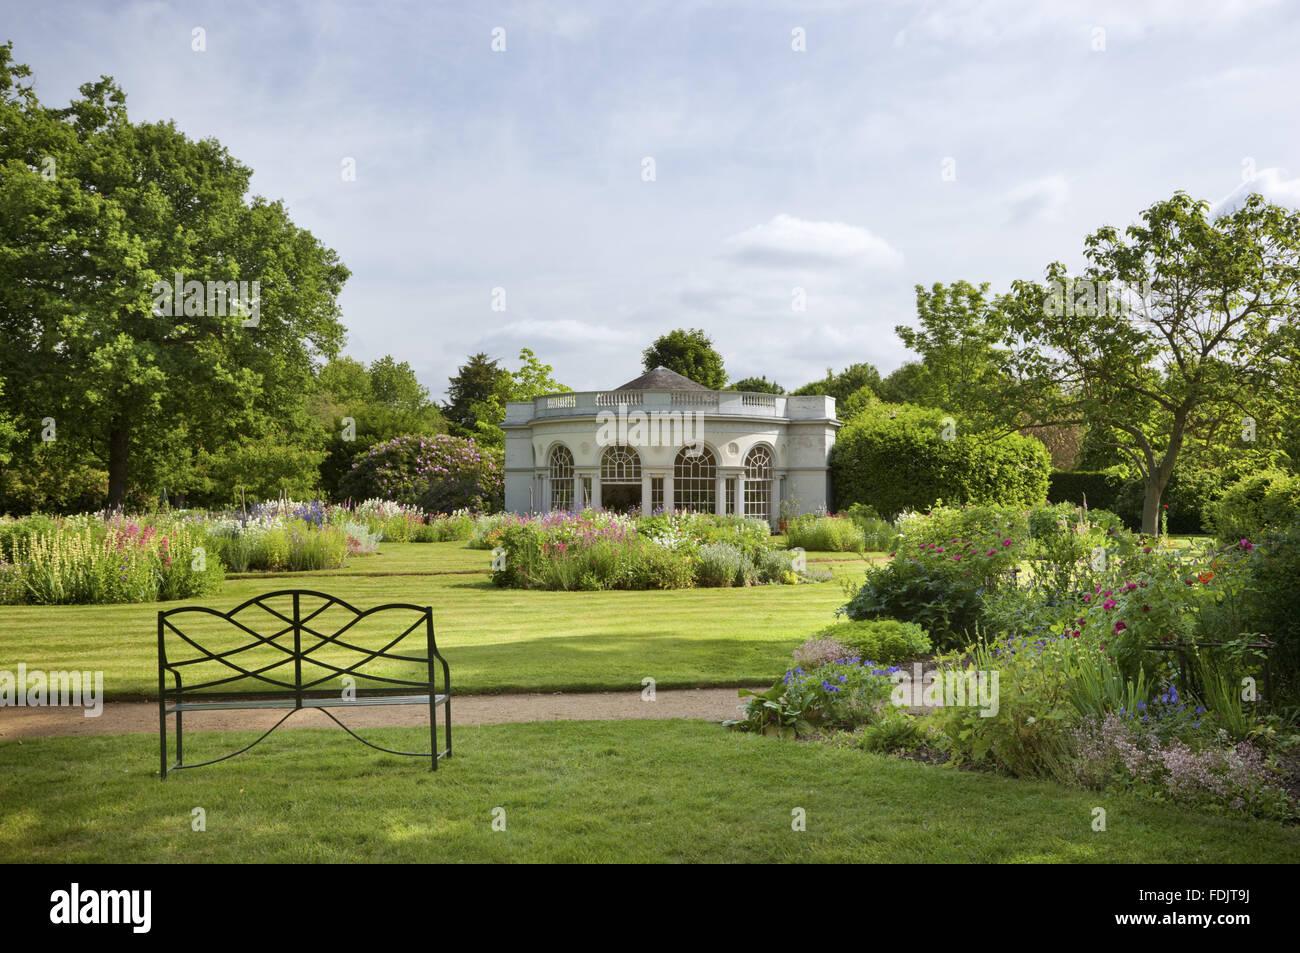 El Garden House, construido en 1780 por Robert Adam, en los terrenos de recreo en Osterley, Middlesex. El edificio tiene un frontal semicircular y pilastras jónicas. Foto de stock